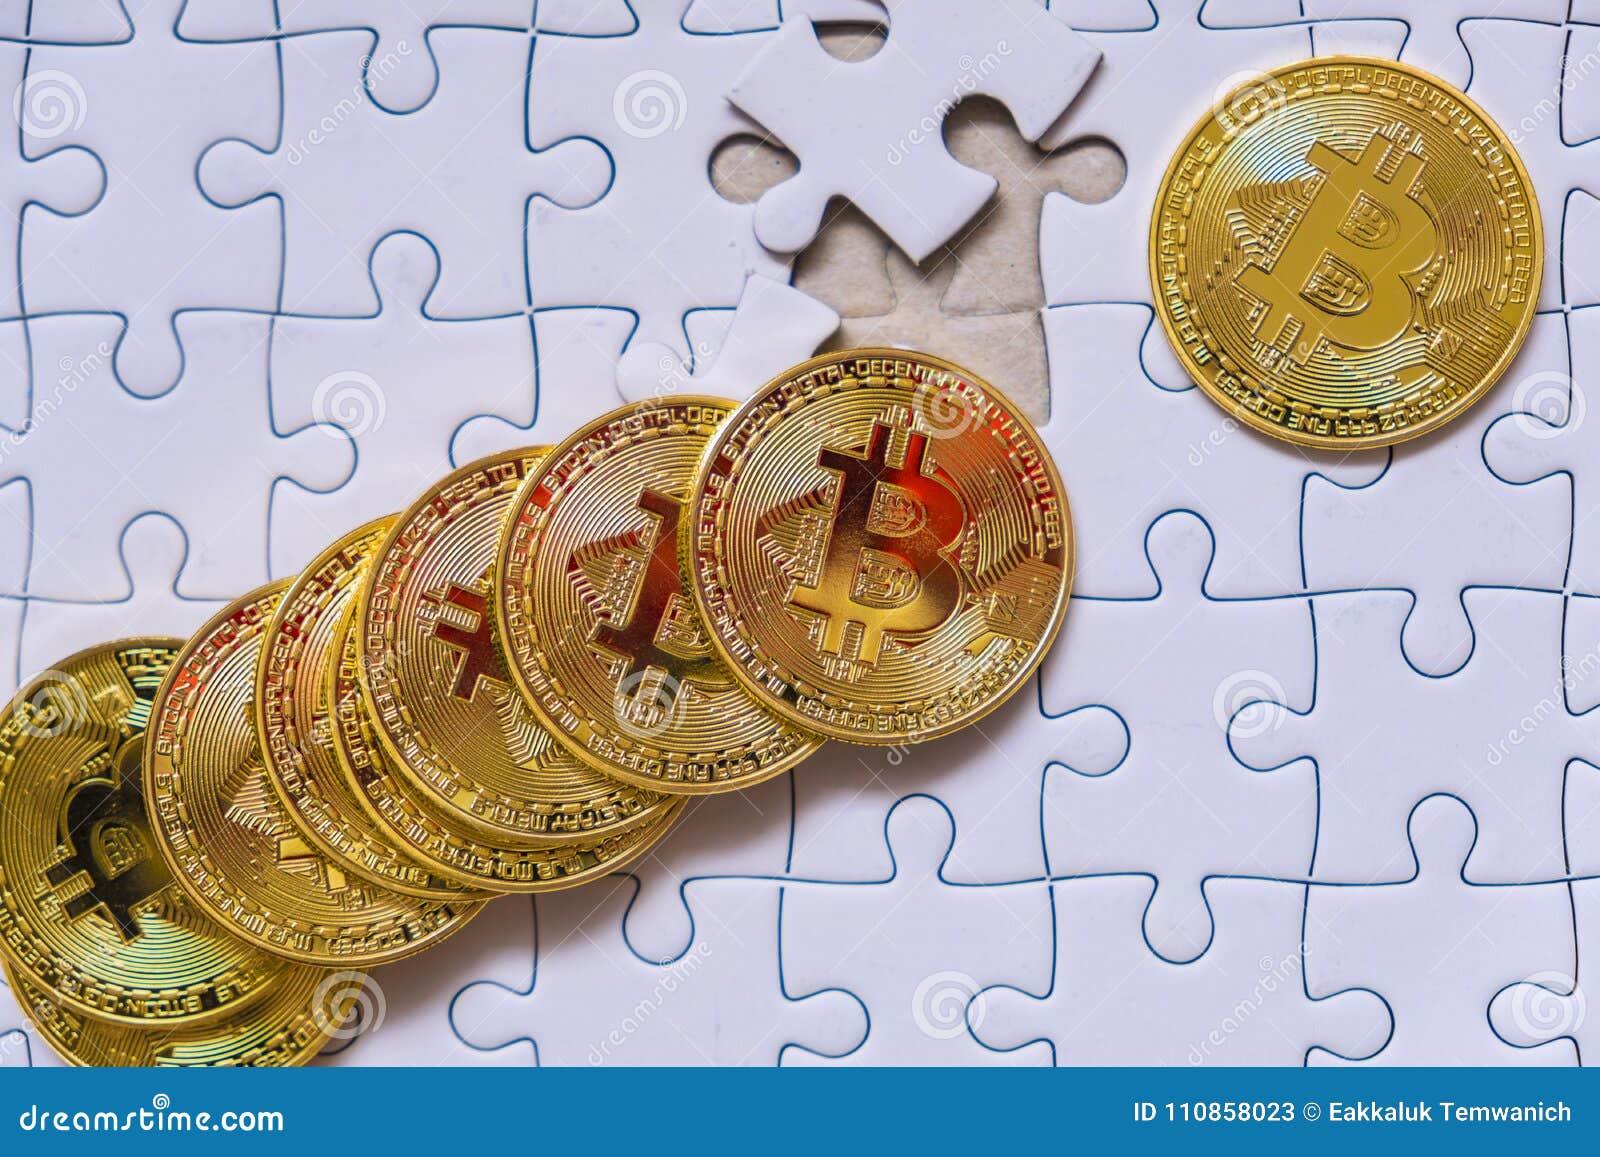 yahoo finance crypto trading dove è bitcoin legale